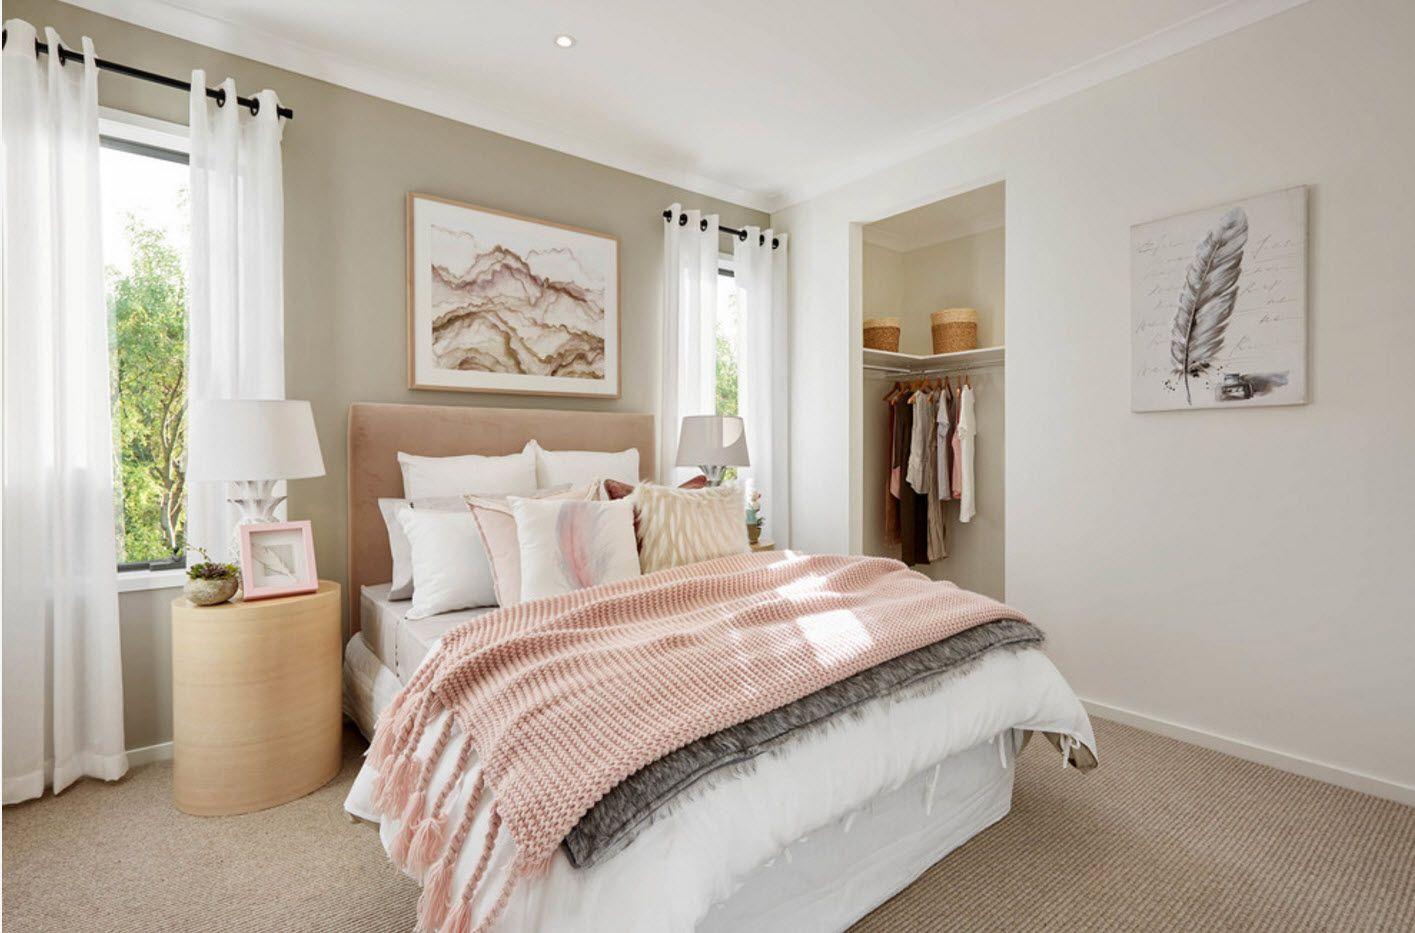 modern bedroom interior decoration design ideas 2017. Black Bedroom Furniture Sets. Home Design Ideas